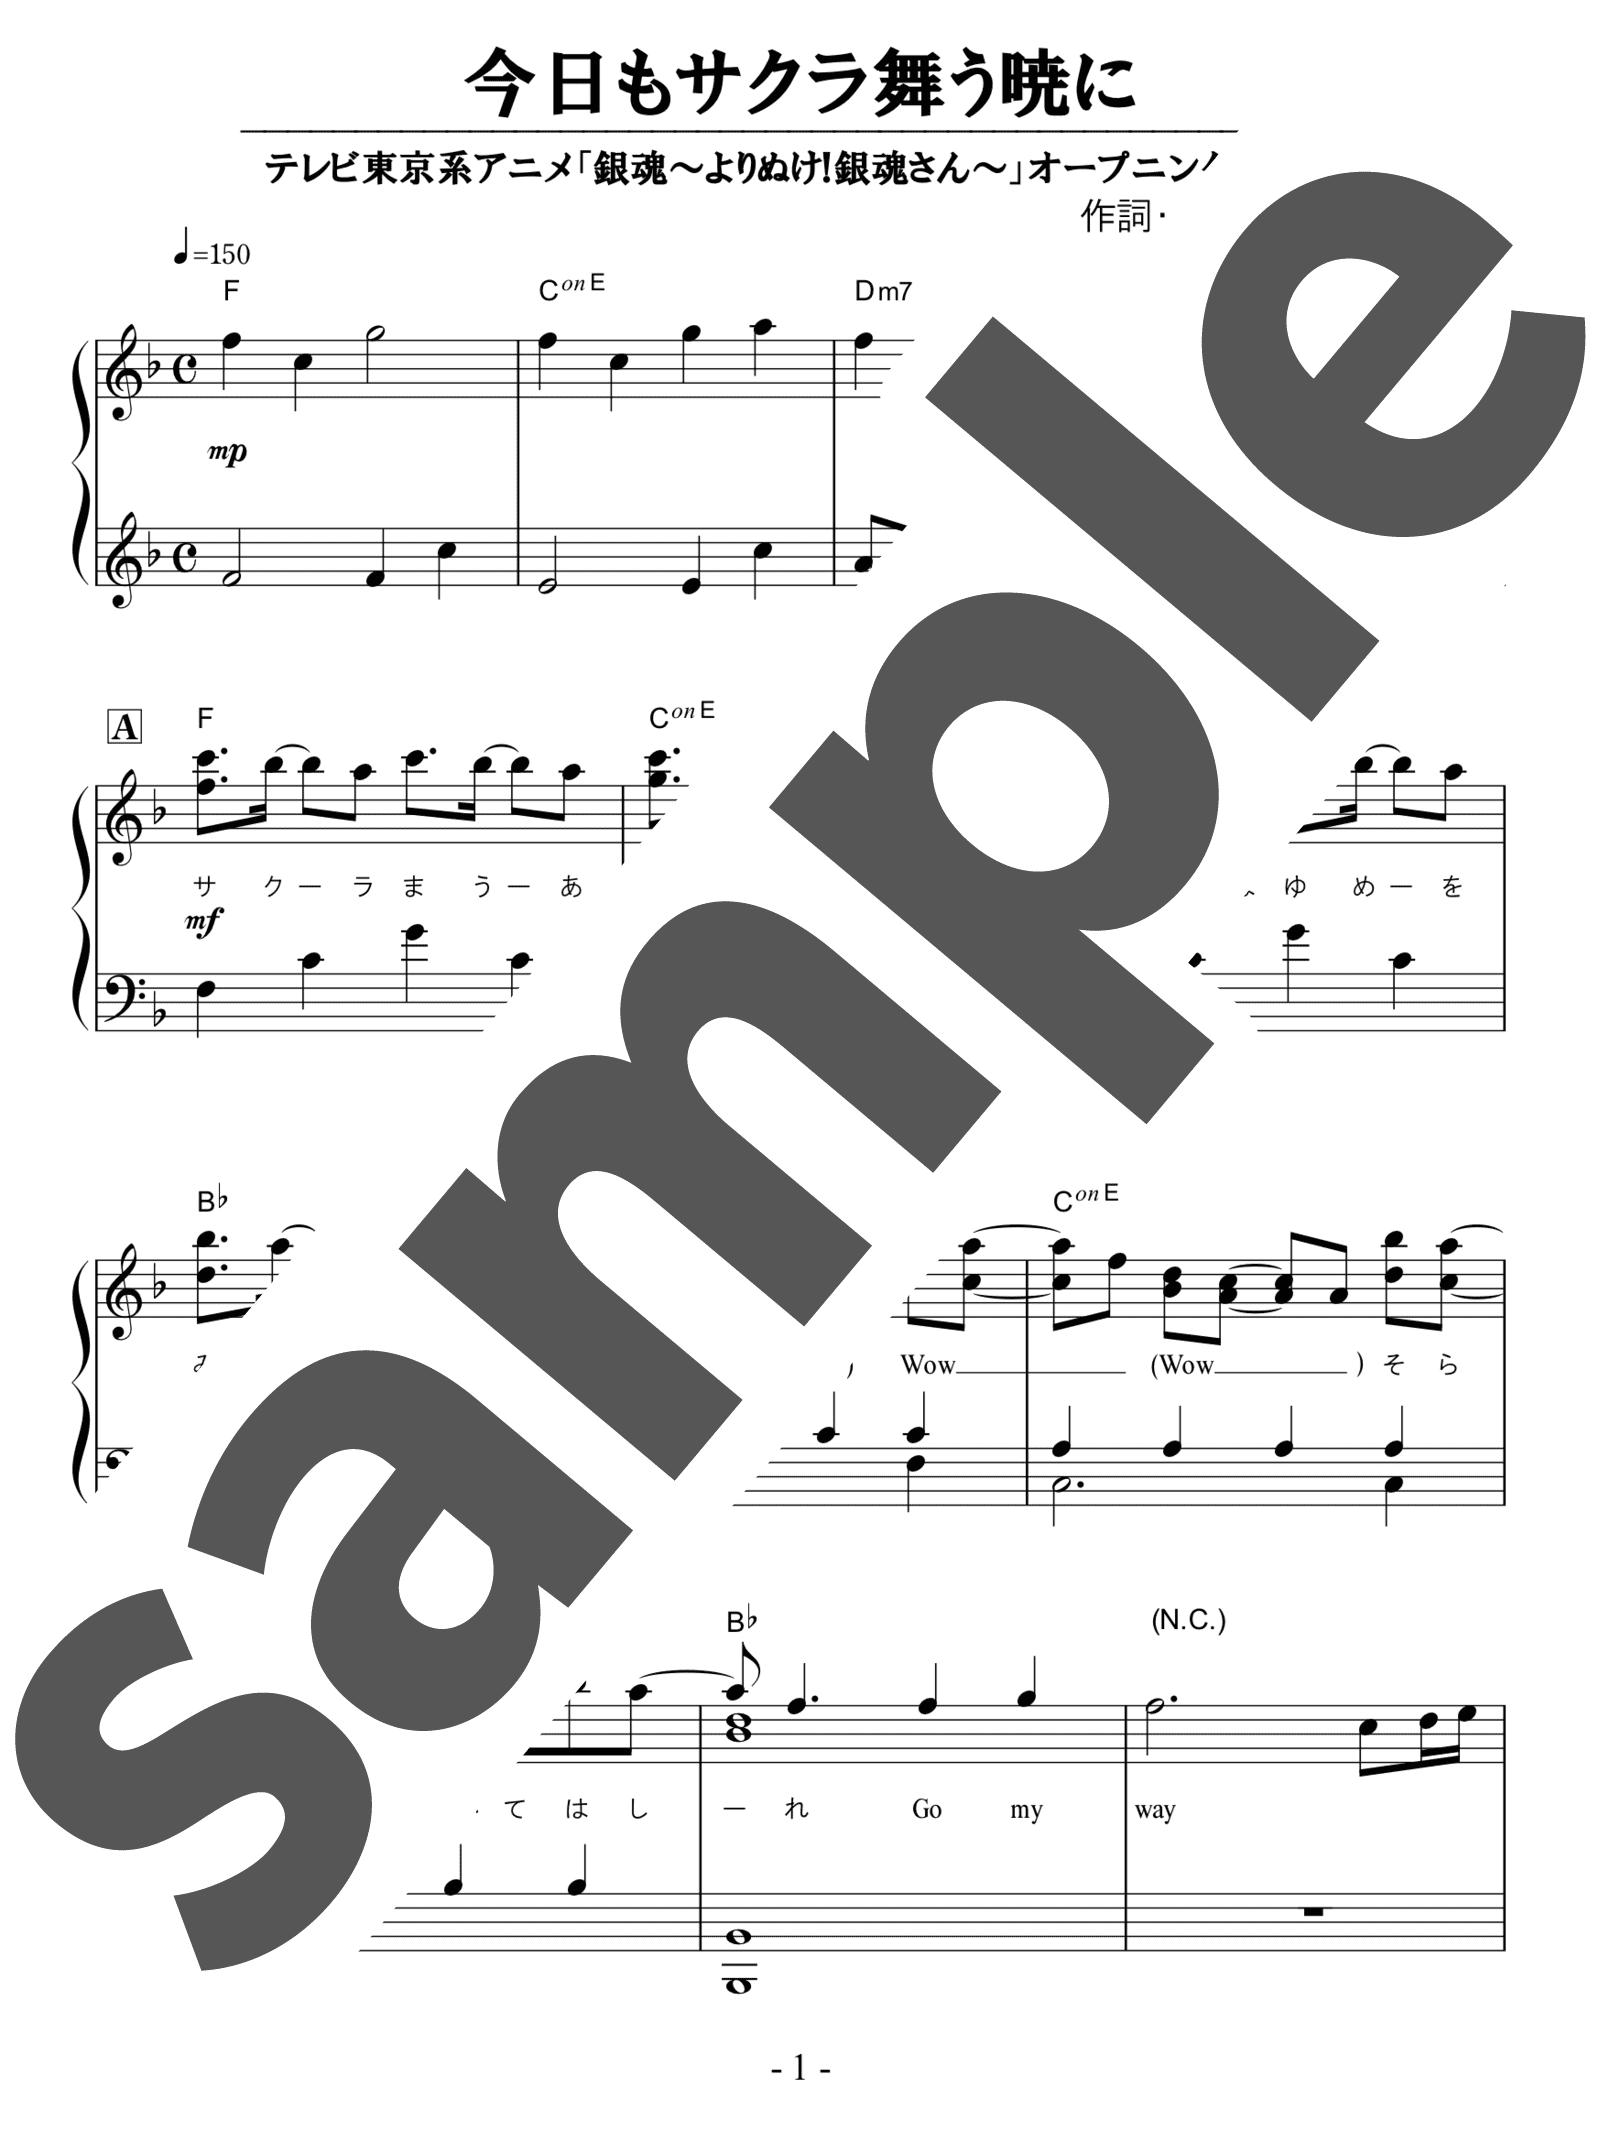 「今日もサクラ舞う暁に」のサンプル楽譜